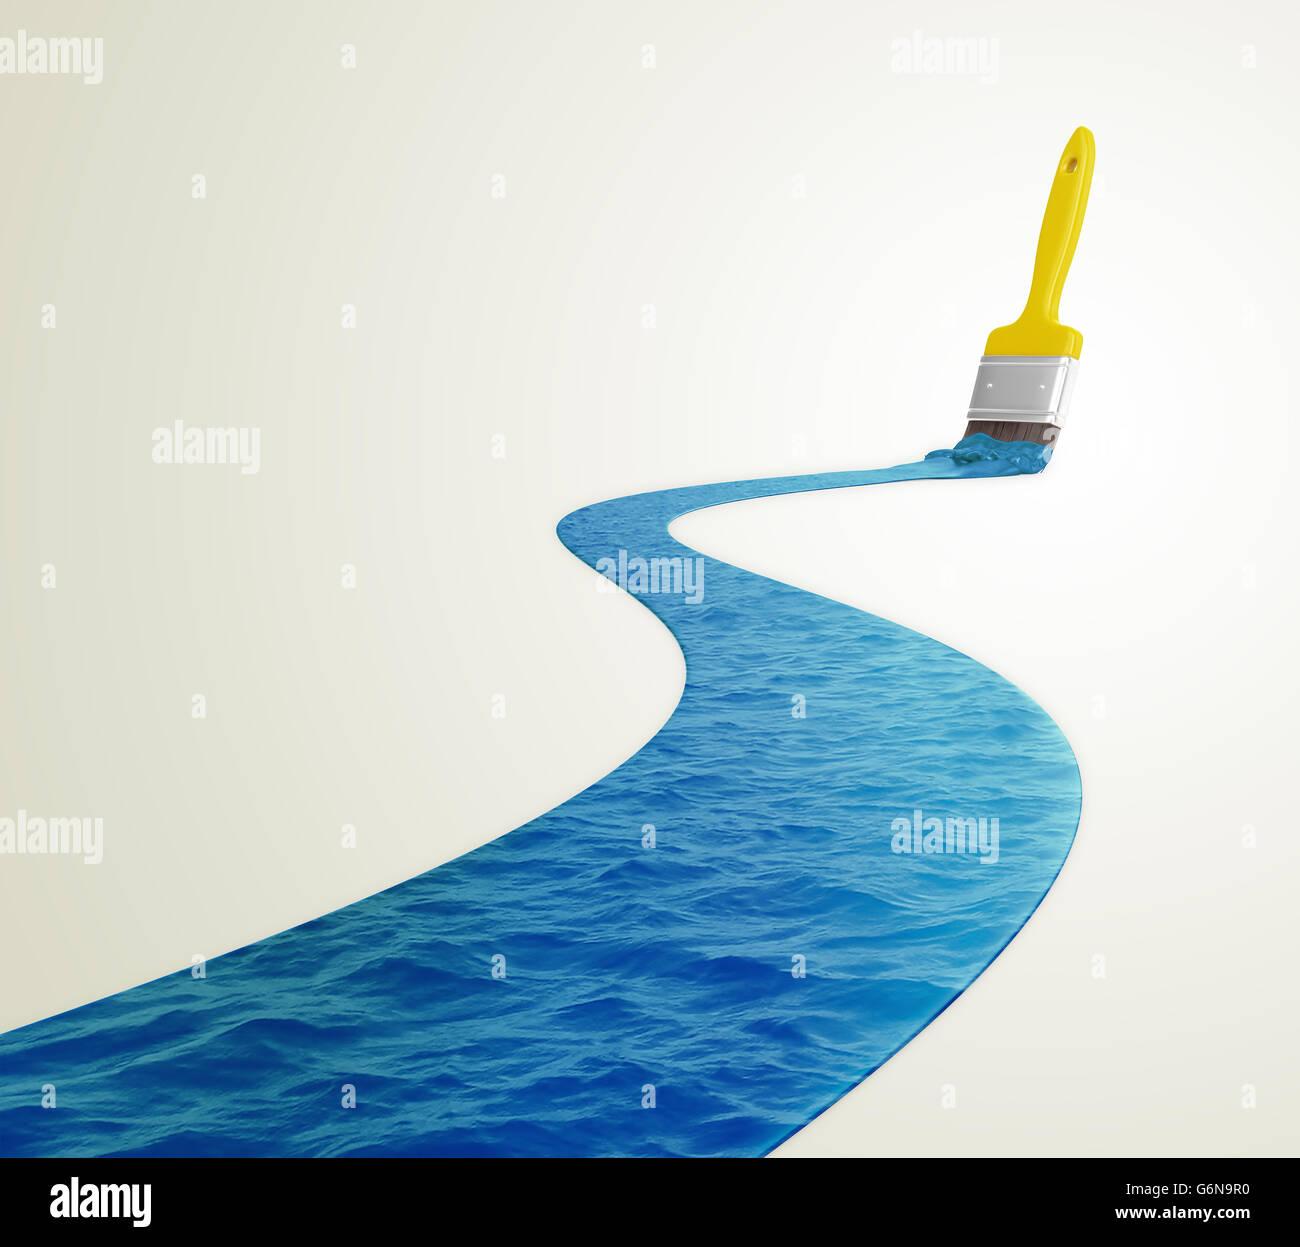 Wasser mit einem Pinsel - 3D-Illustration gemalt Stockbild